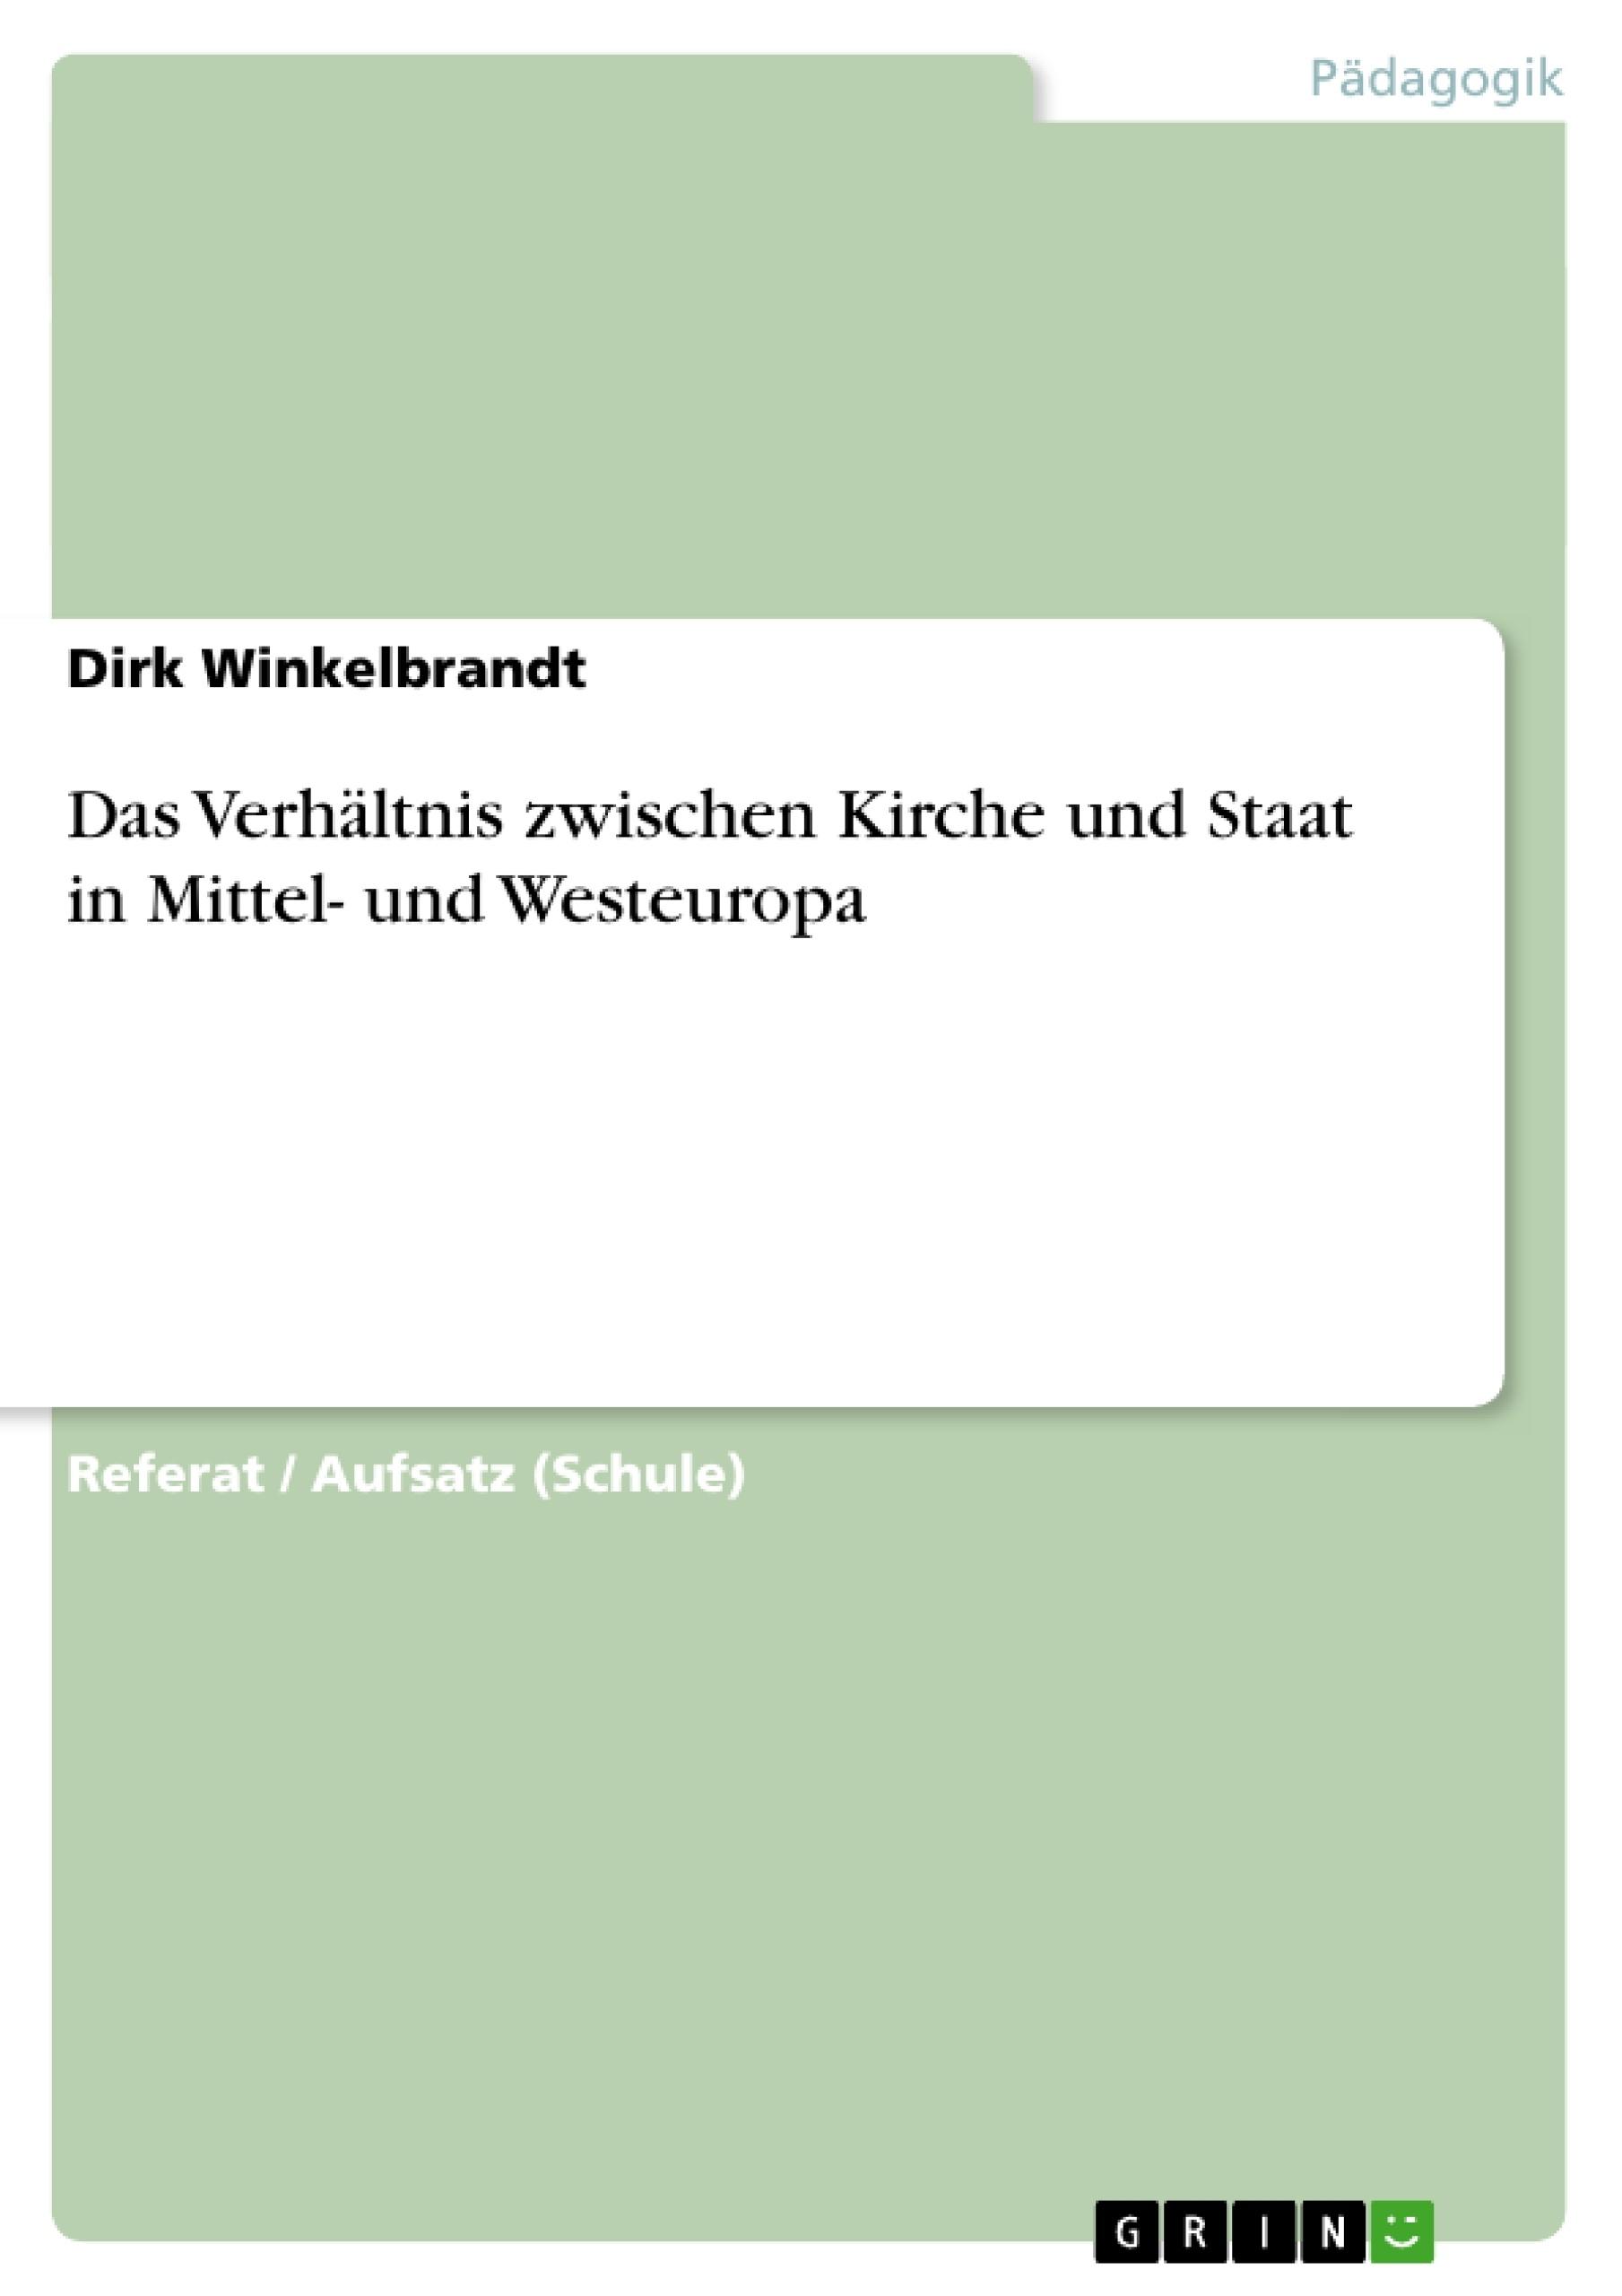 Titel: Das Verhältnis zwischen Kirche und Staat in Mittel- und Westeuropa